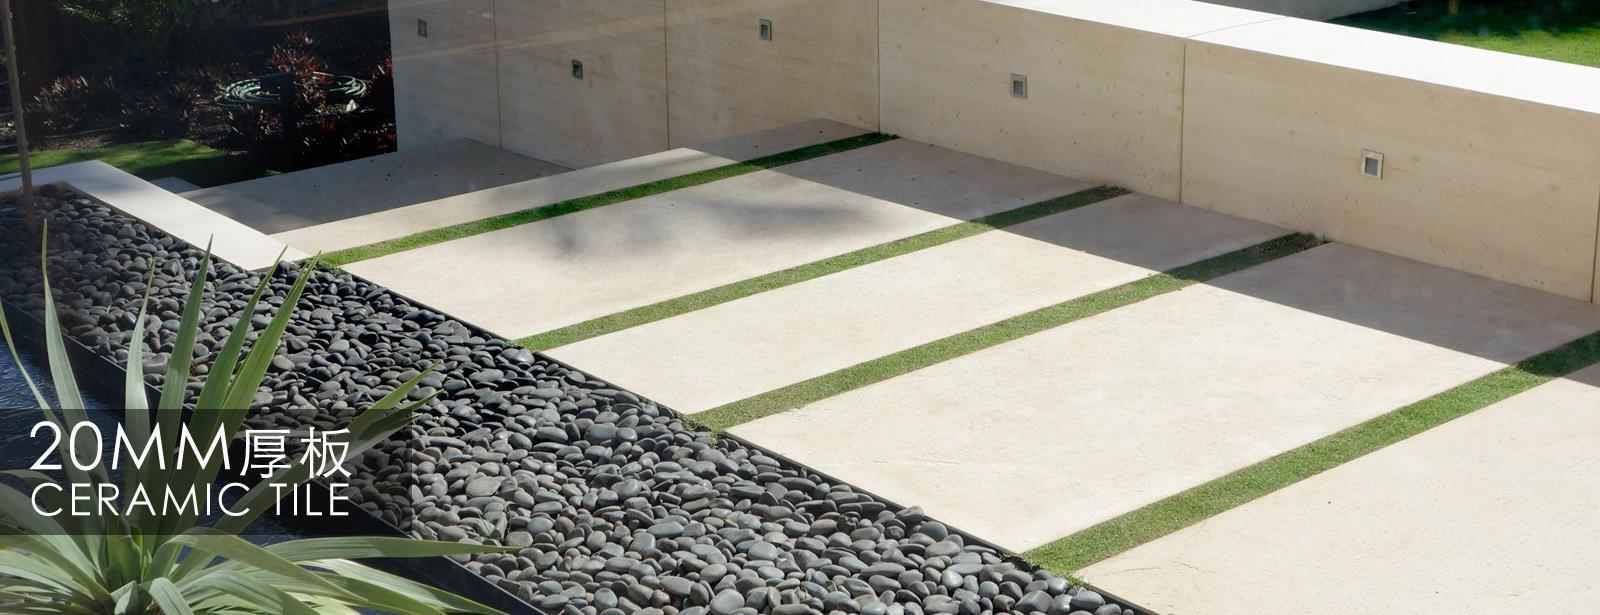 瓷砖厚板:2cm厚瓷砖厚板悬空铺贴常见问答